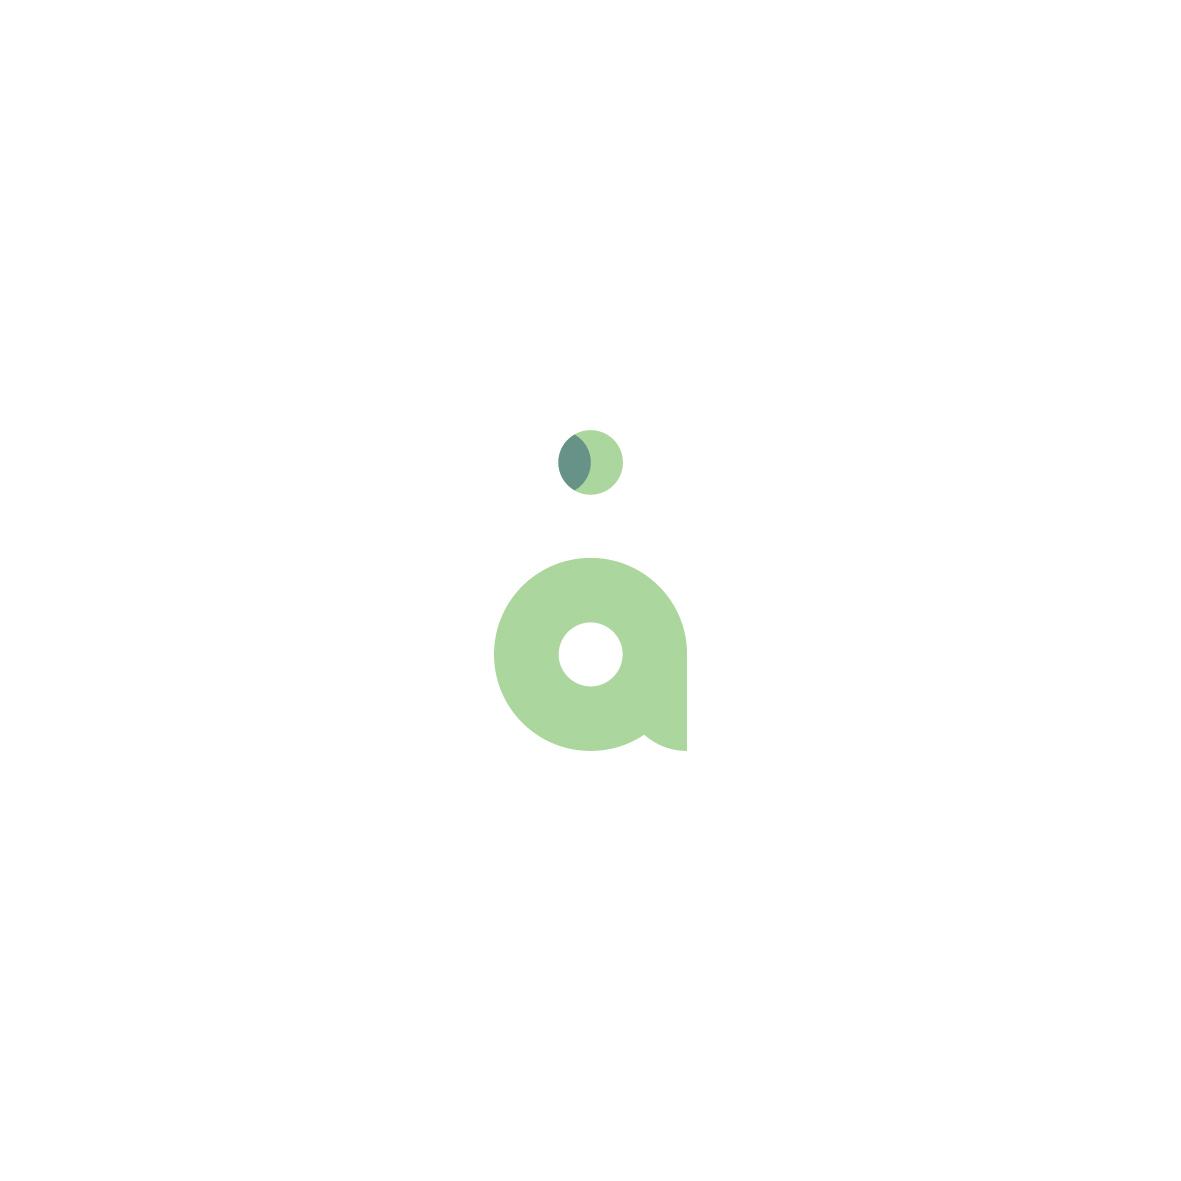 Diseño de identidad gráfica corporativa, logotipo